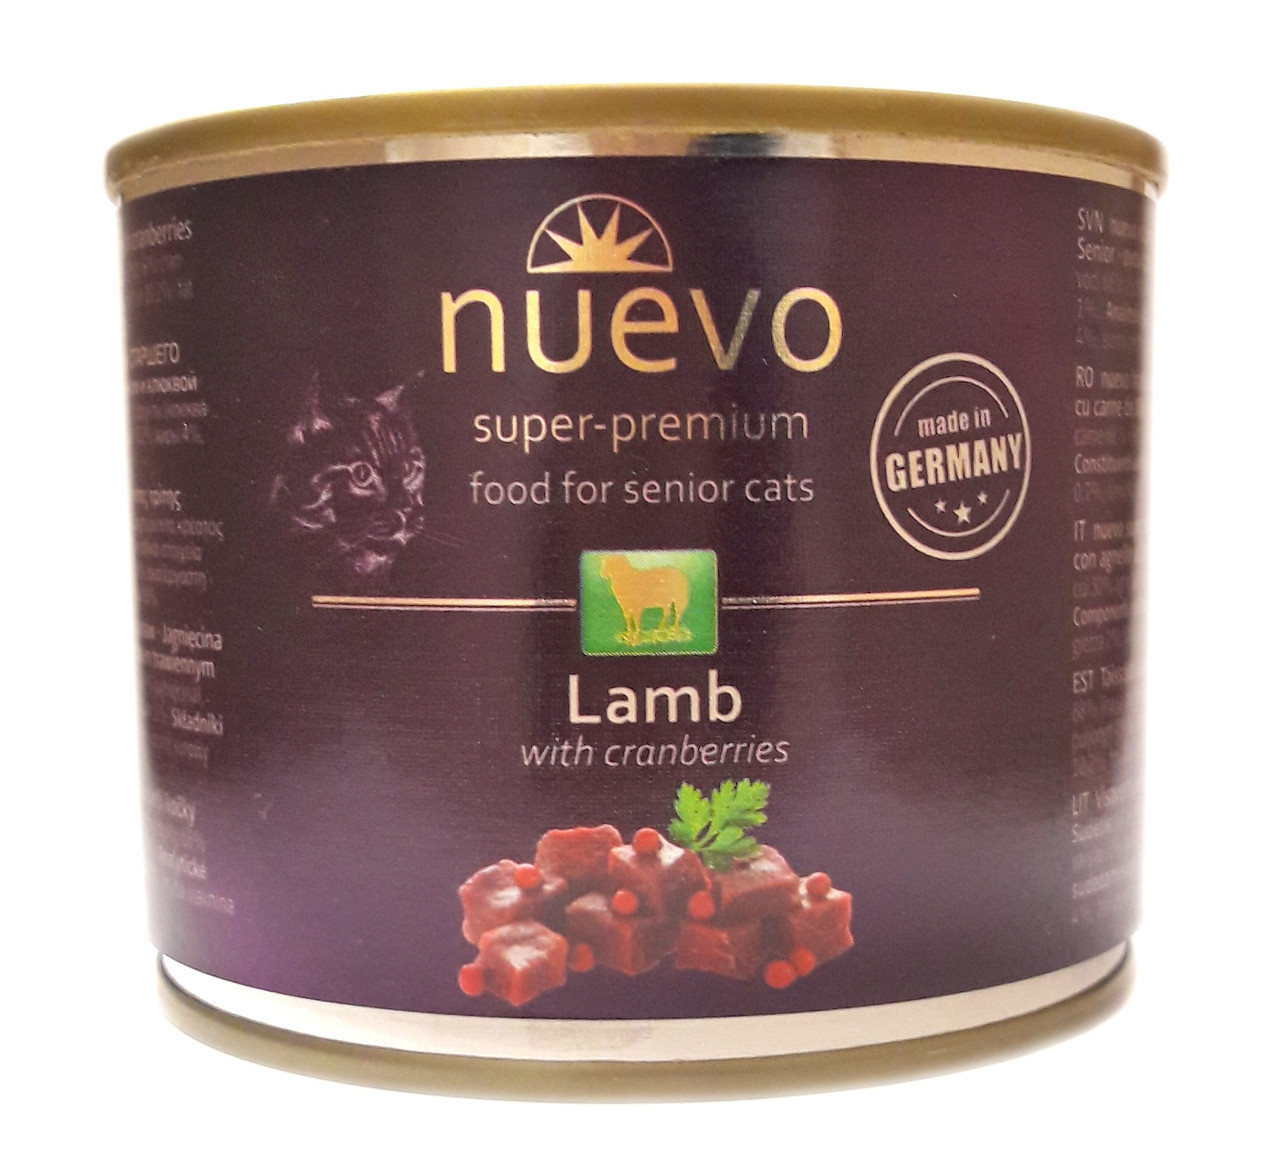 NUEVO SENIOR вологий корм для кішок з ягням і журавлиною, 200 гр